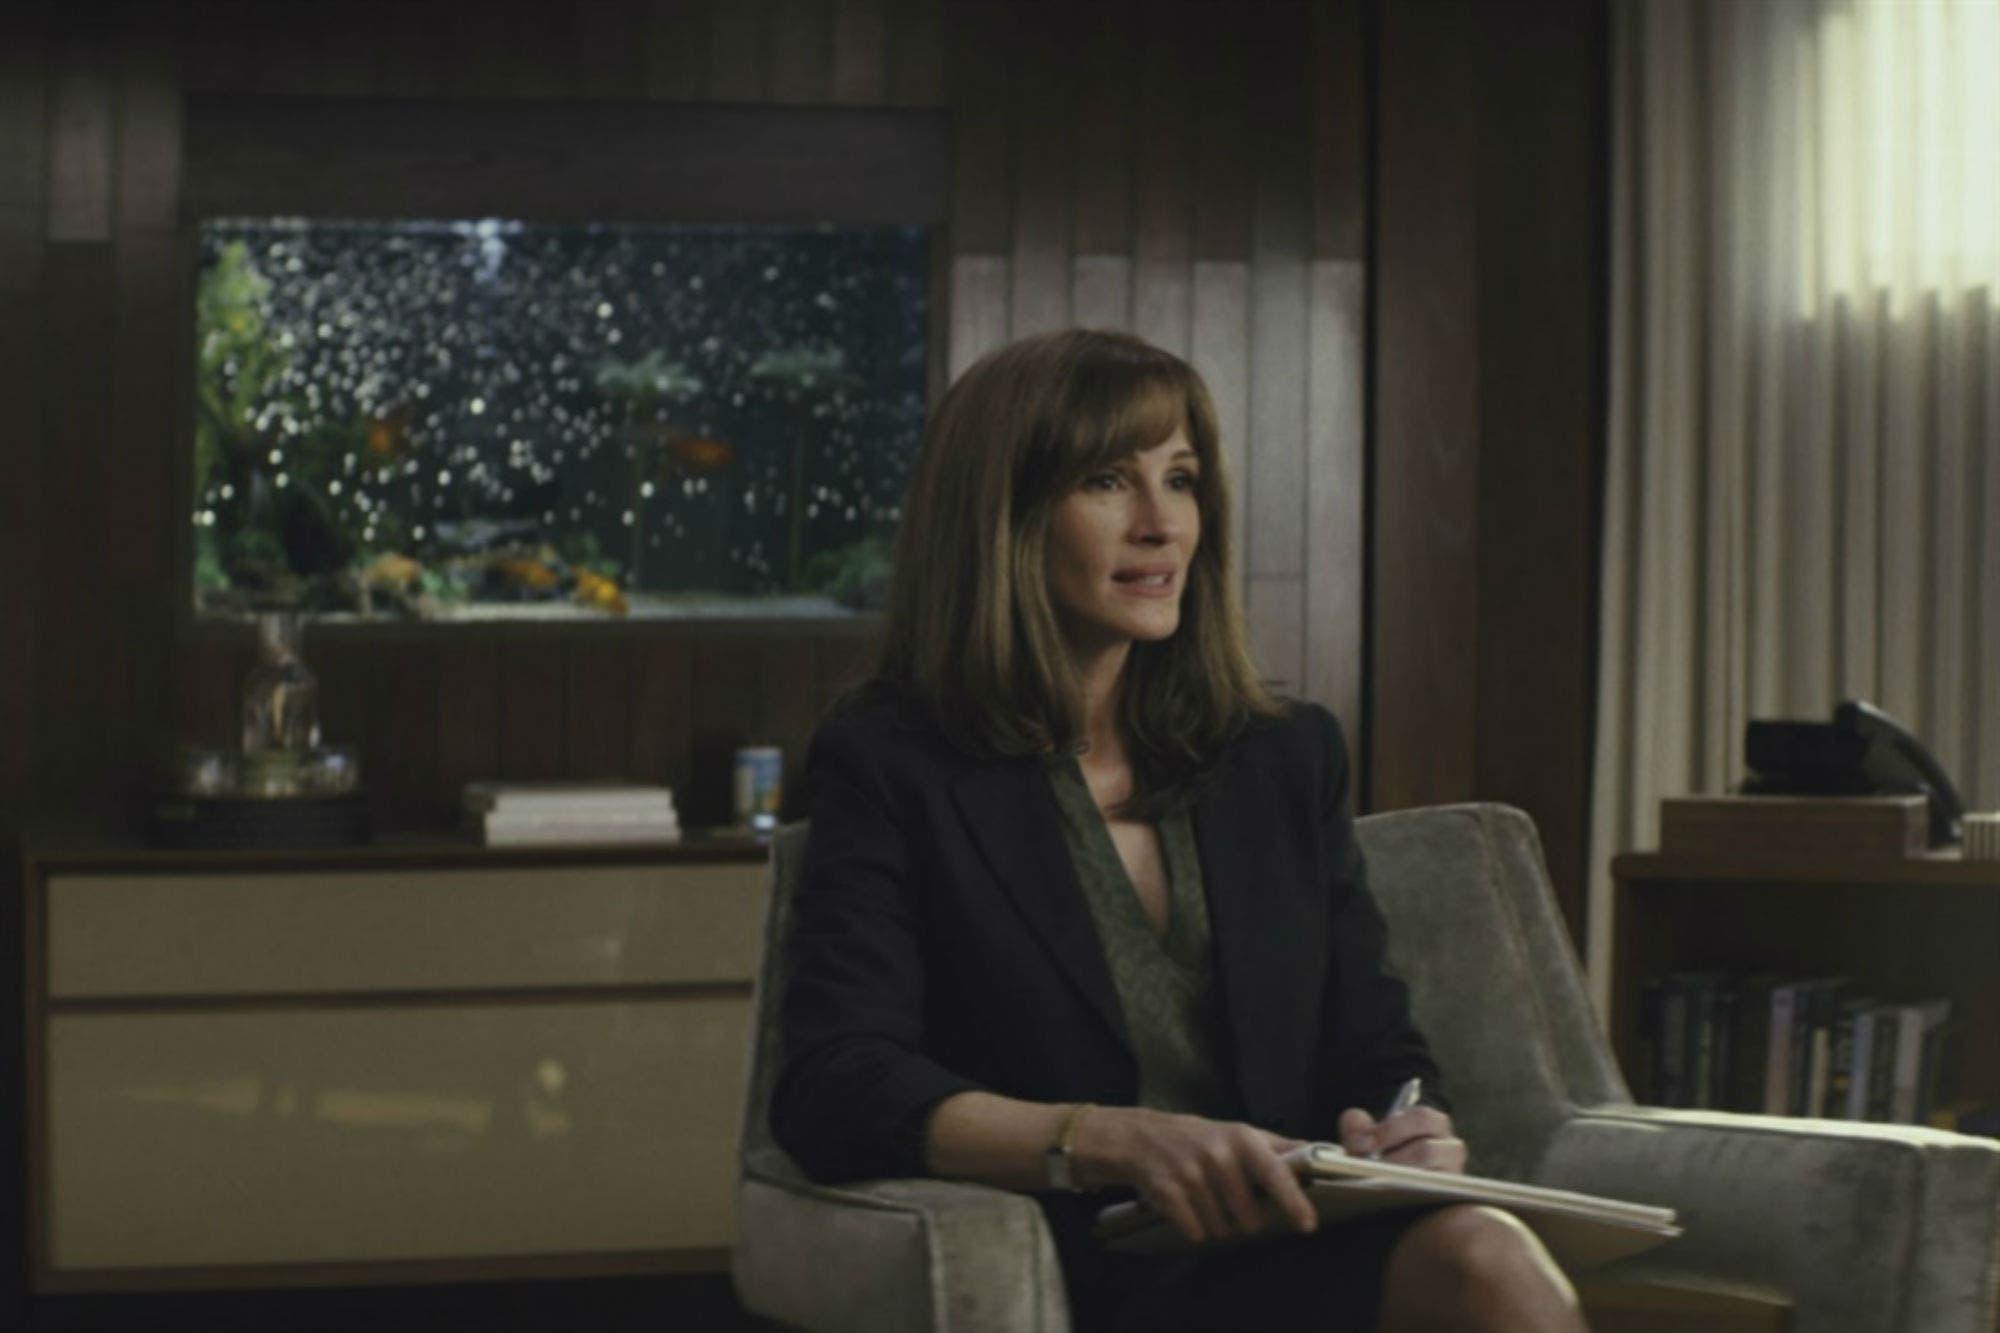 Homecoming, la serie protagonizada por Julia Roberts, estrenó un enigmático tráiler